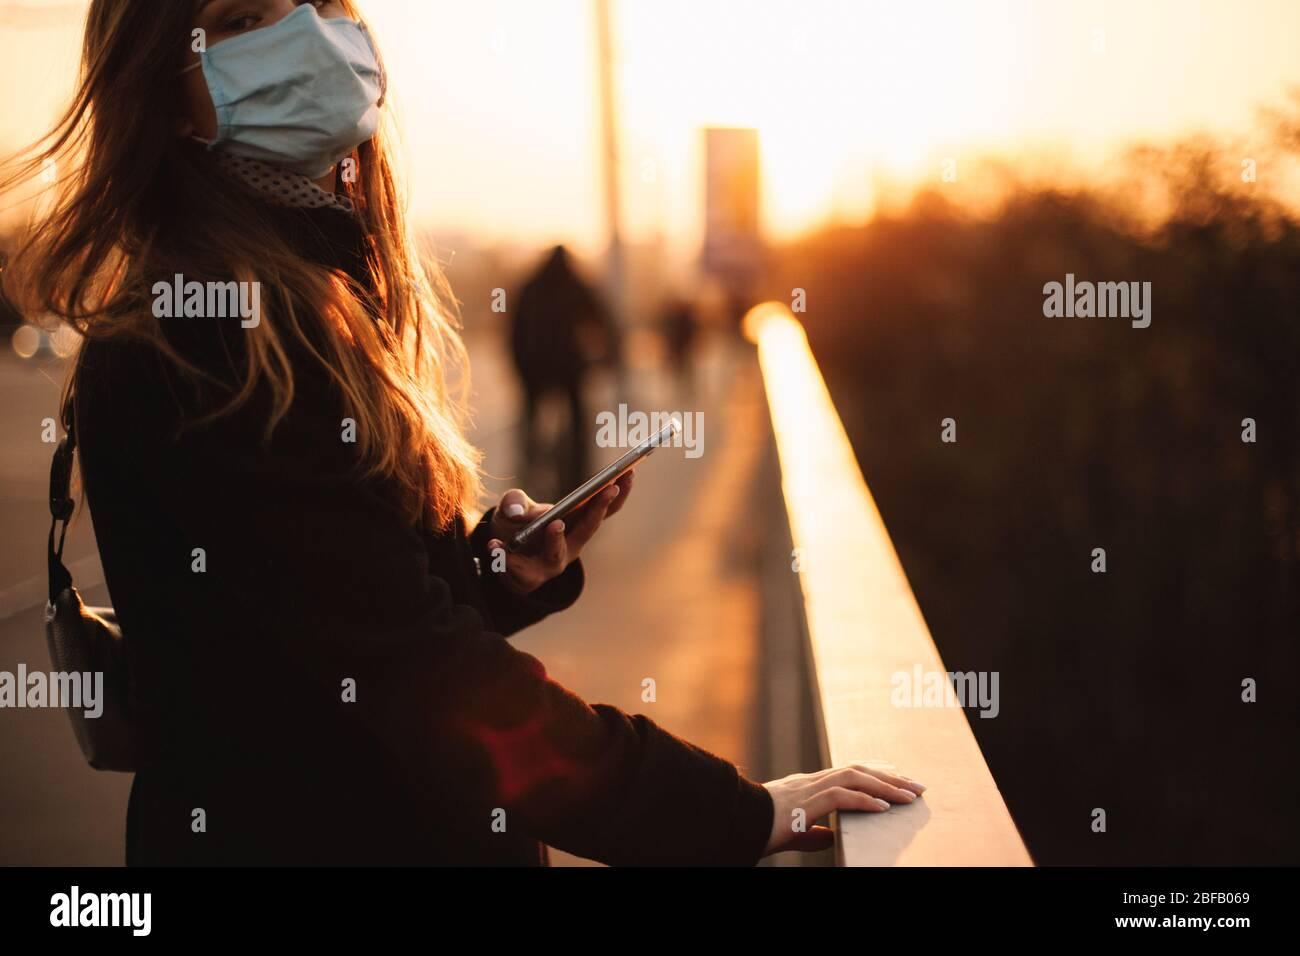 Junge Frau mit Schutzmaske Gesicht medizinische Maske mit Smartphone während das Geländer auf der Brücke in der Stadt bei Sonnenuntergang stehen Stockfoto